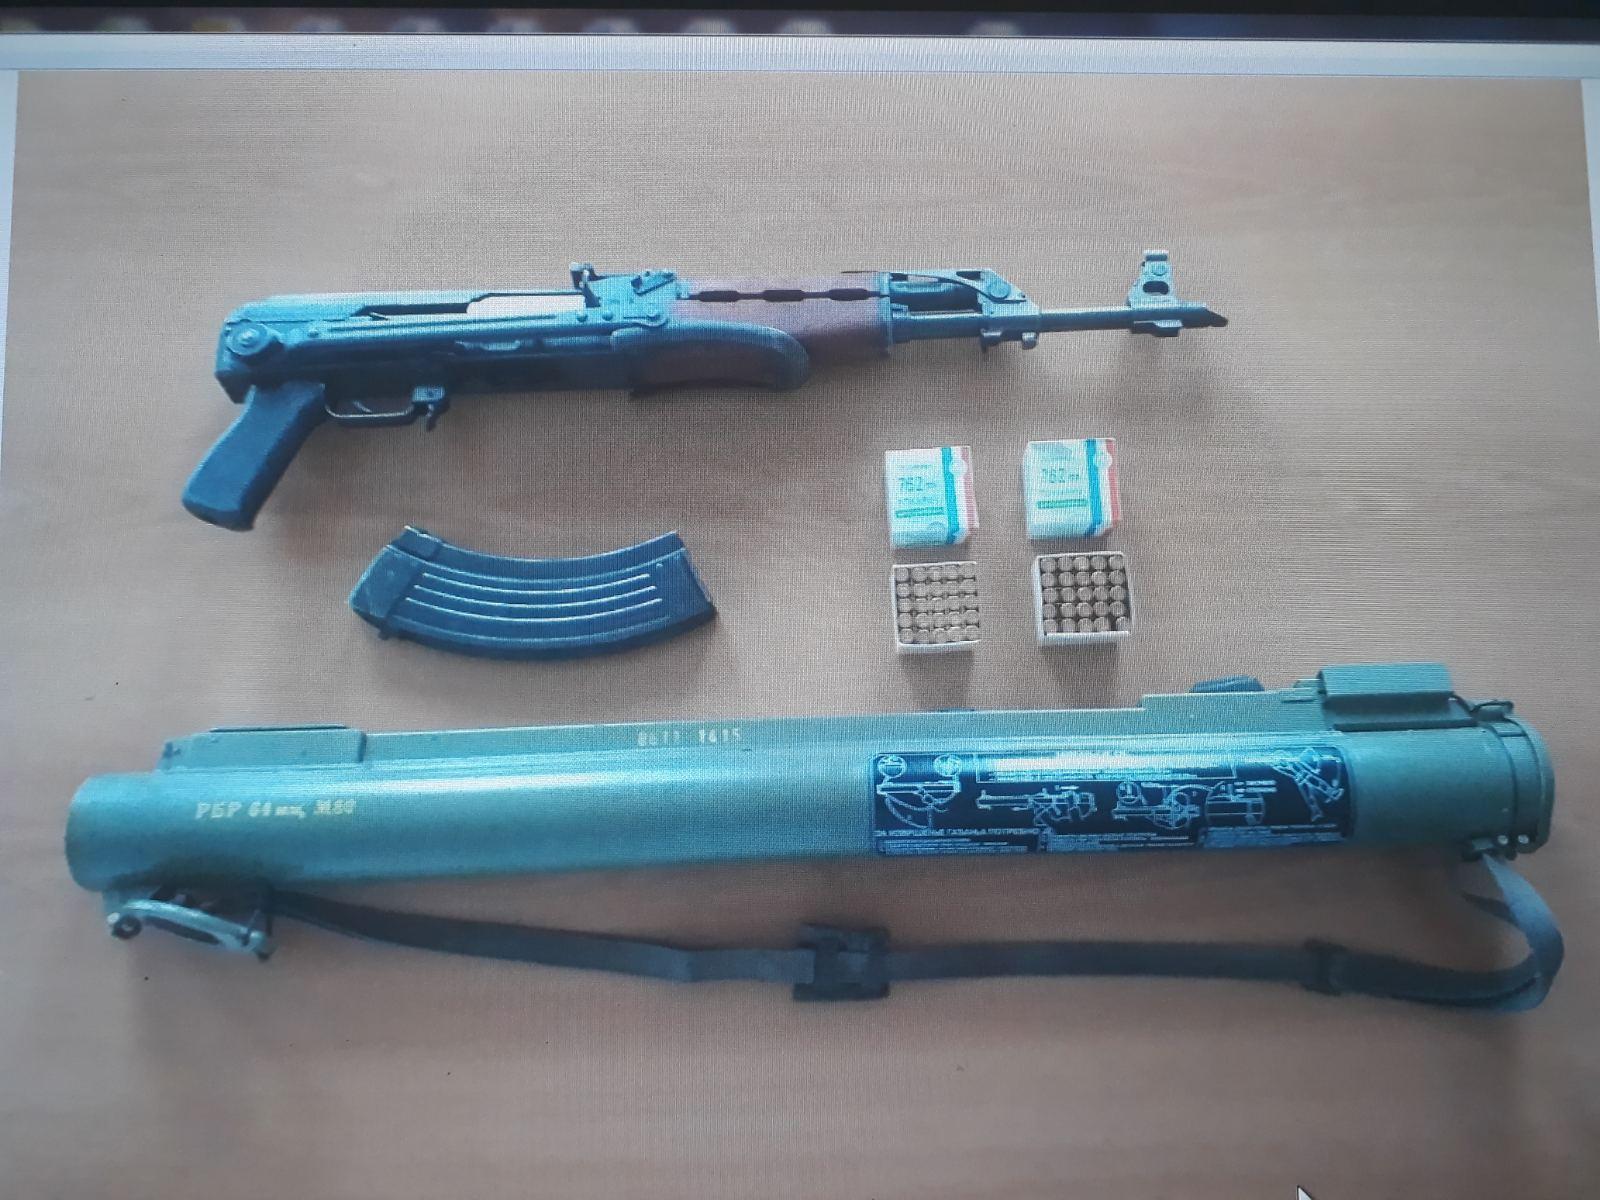 Cetinje: Policija oduzela veću količinu oružja i municije